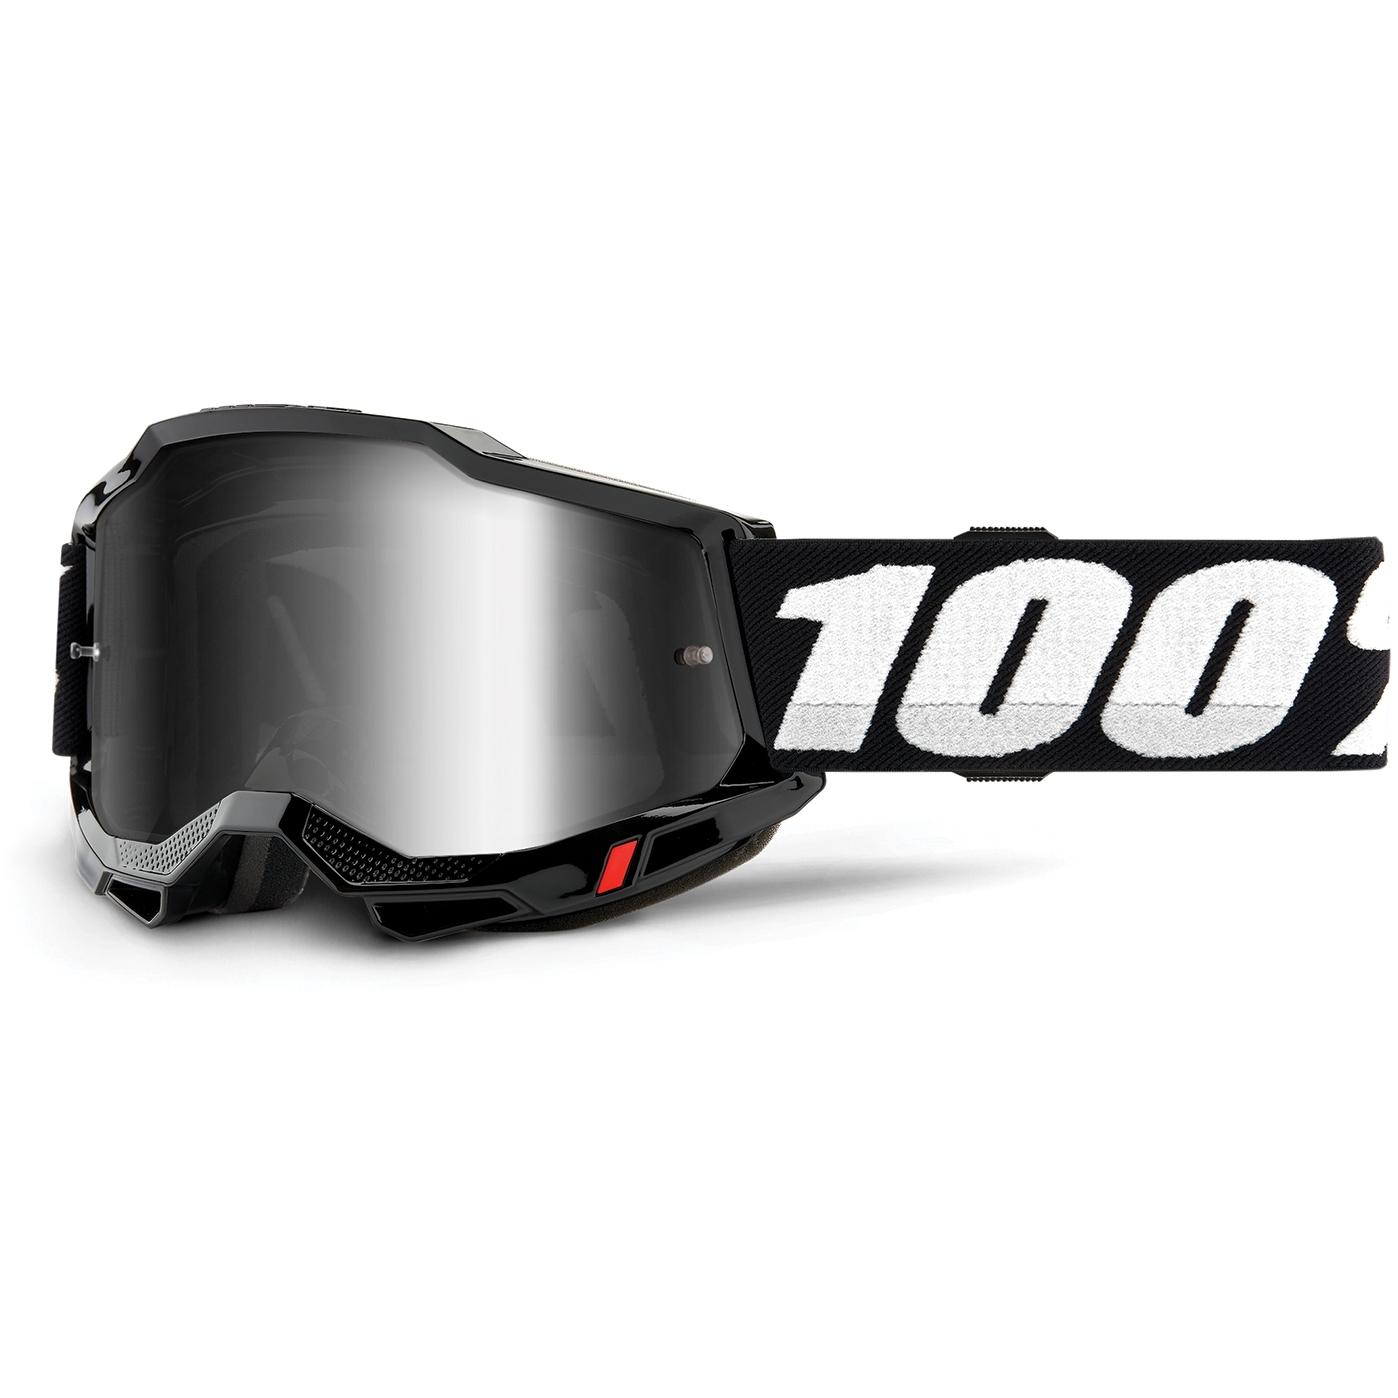 100% Accuri 2 Goggle Mirror Lens Gafas - Black